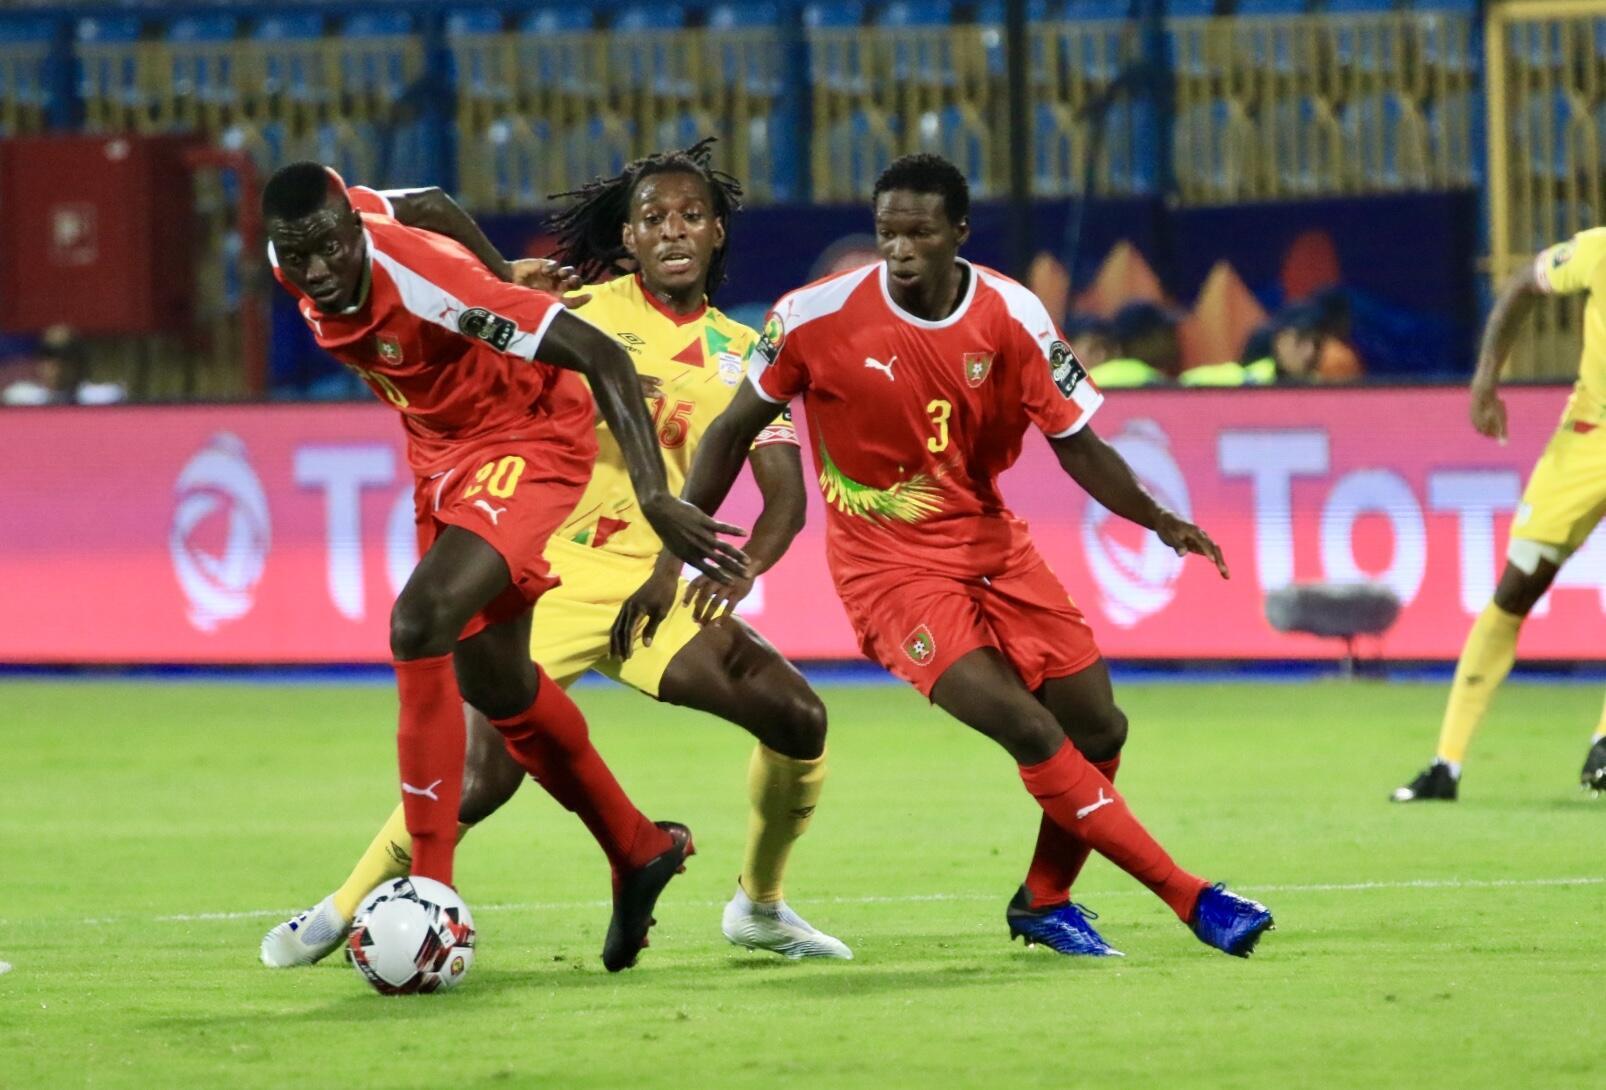 Os guineenses Sori Mané e Bura impedem Sessi D'Almeida de recuperar a bola.